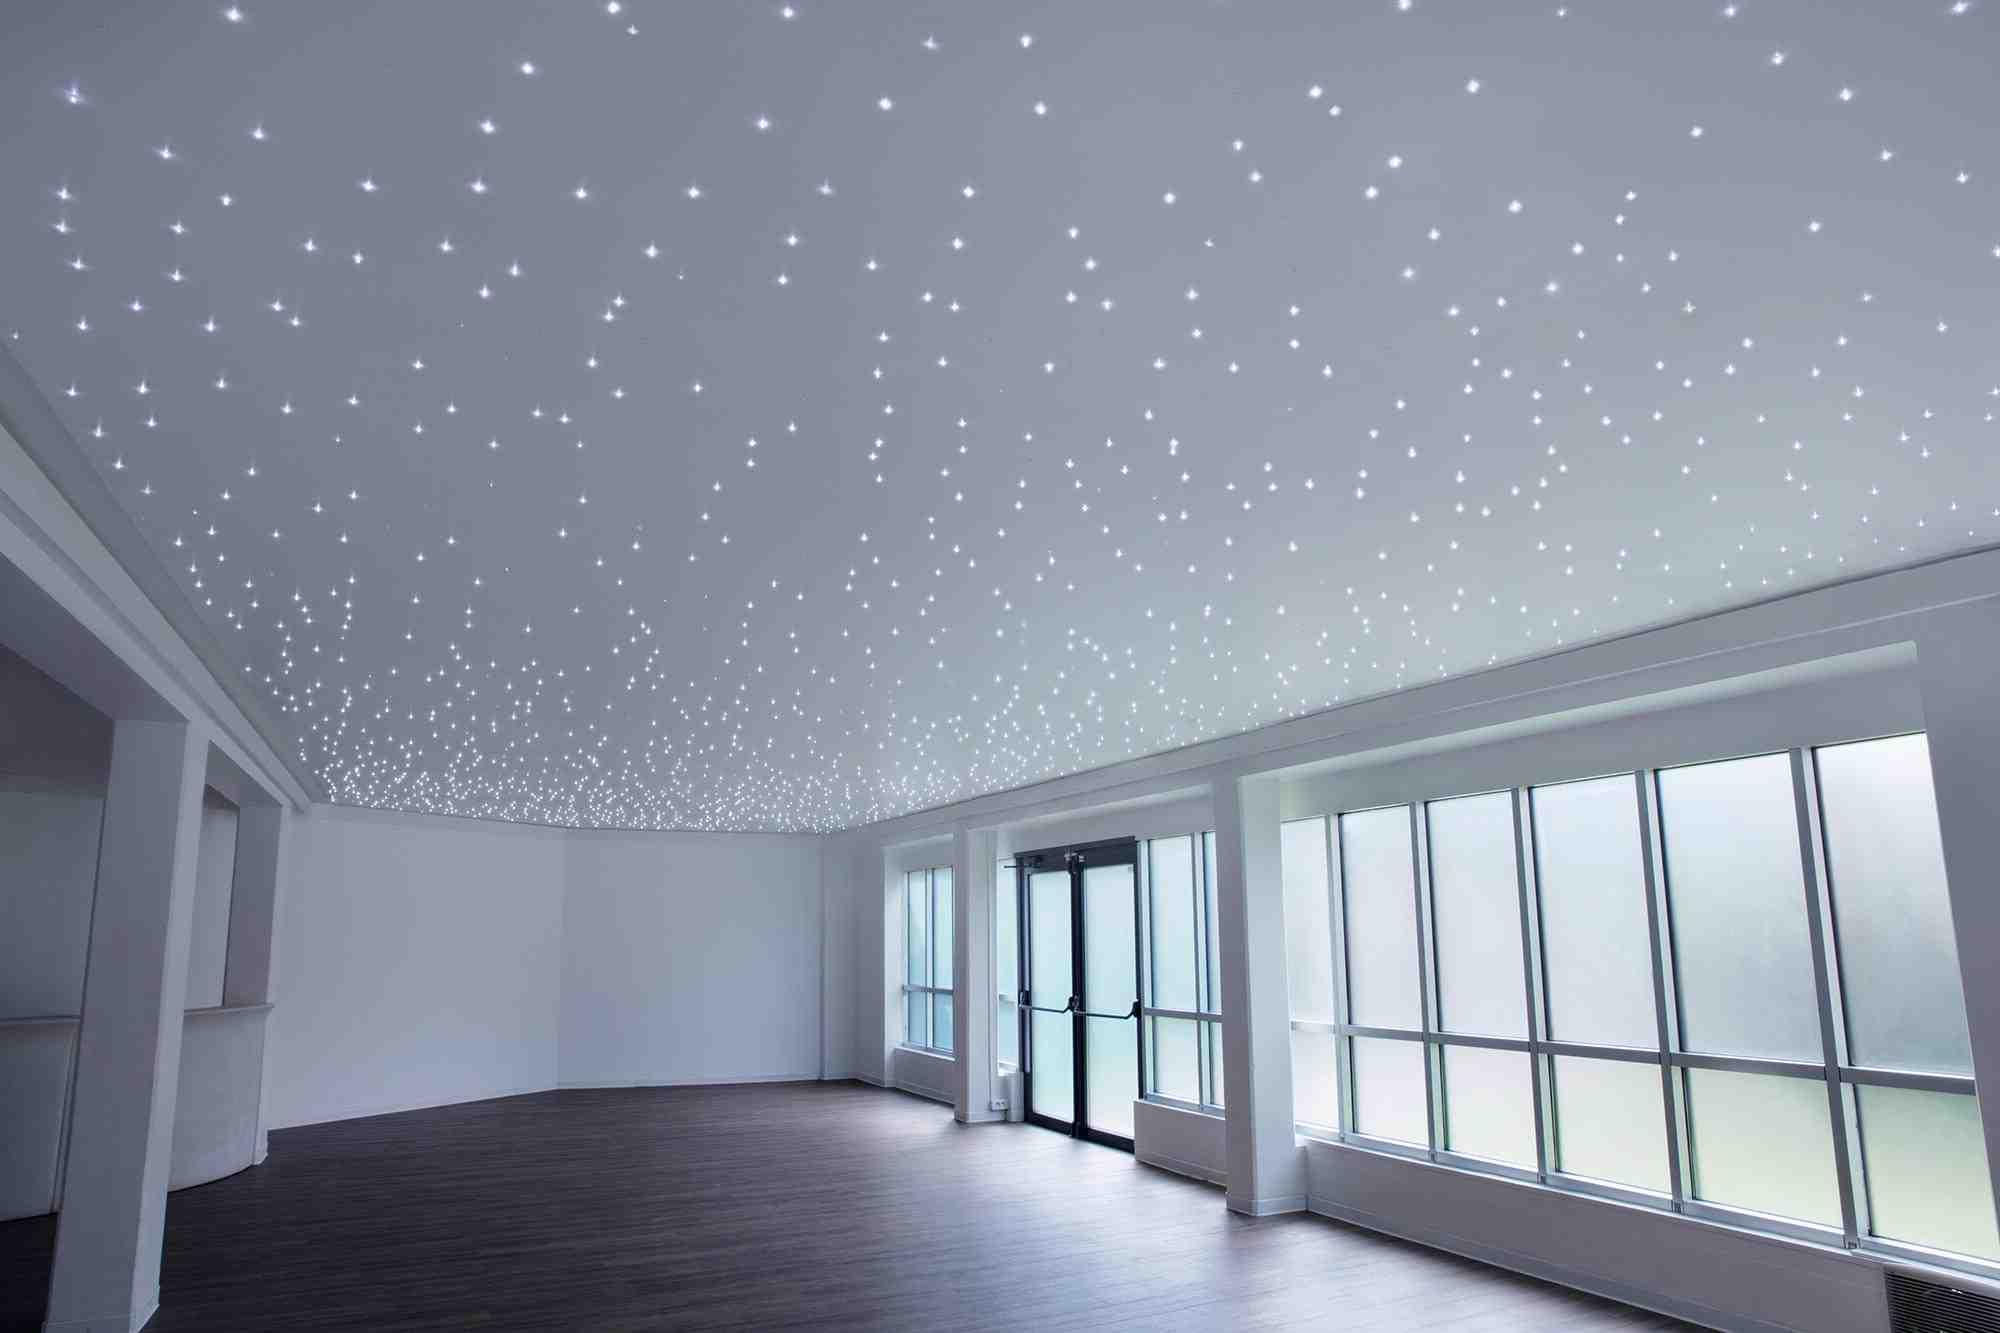 Comment faire un ciel etoile dans une chambre ?